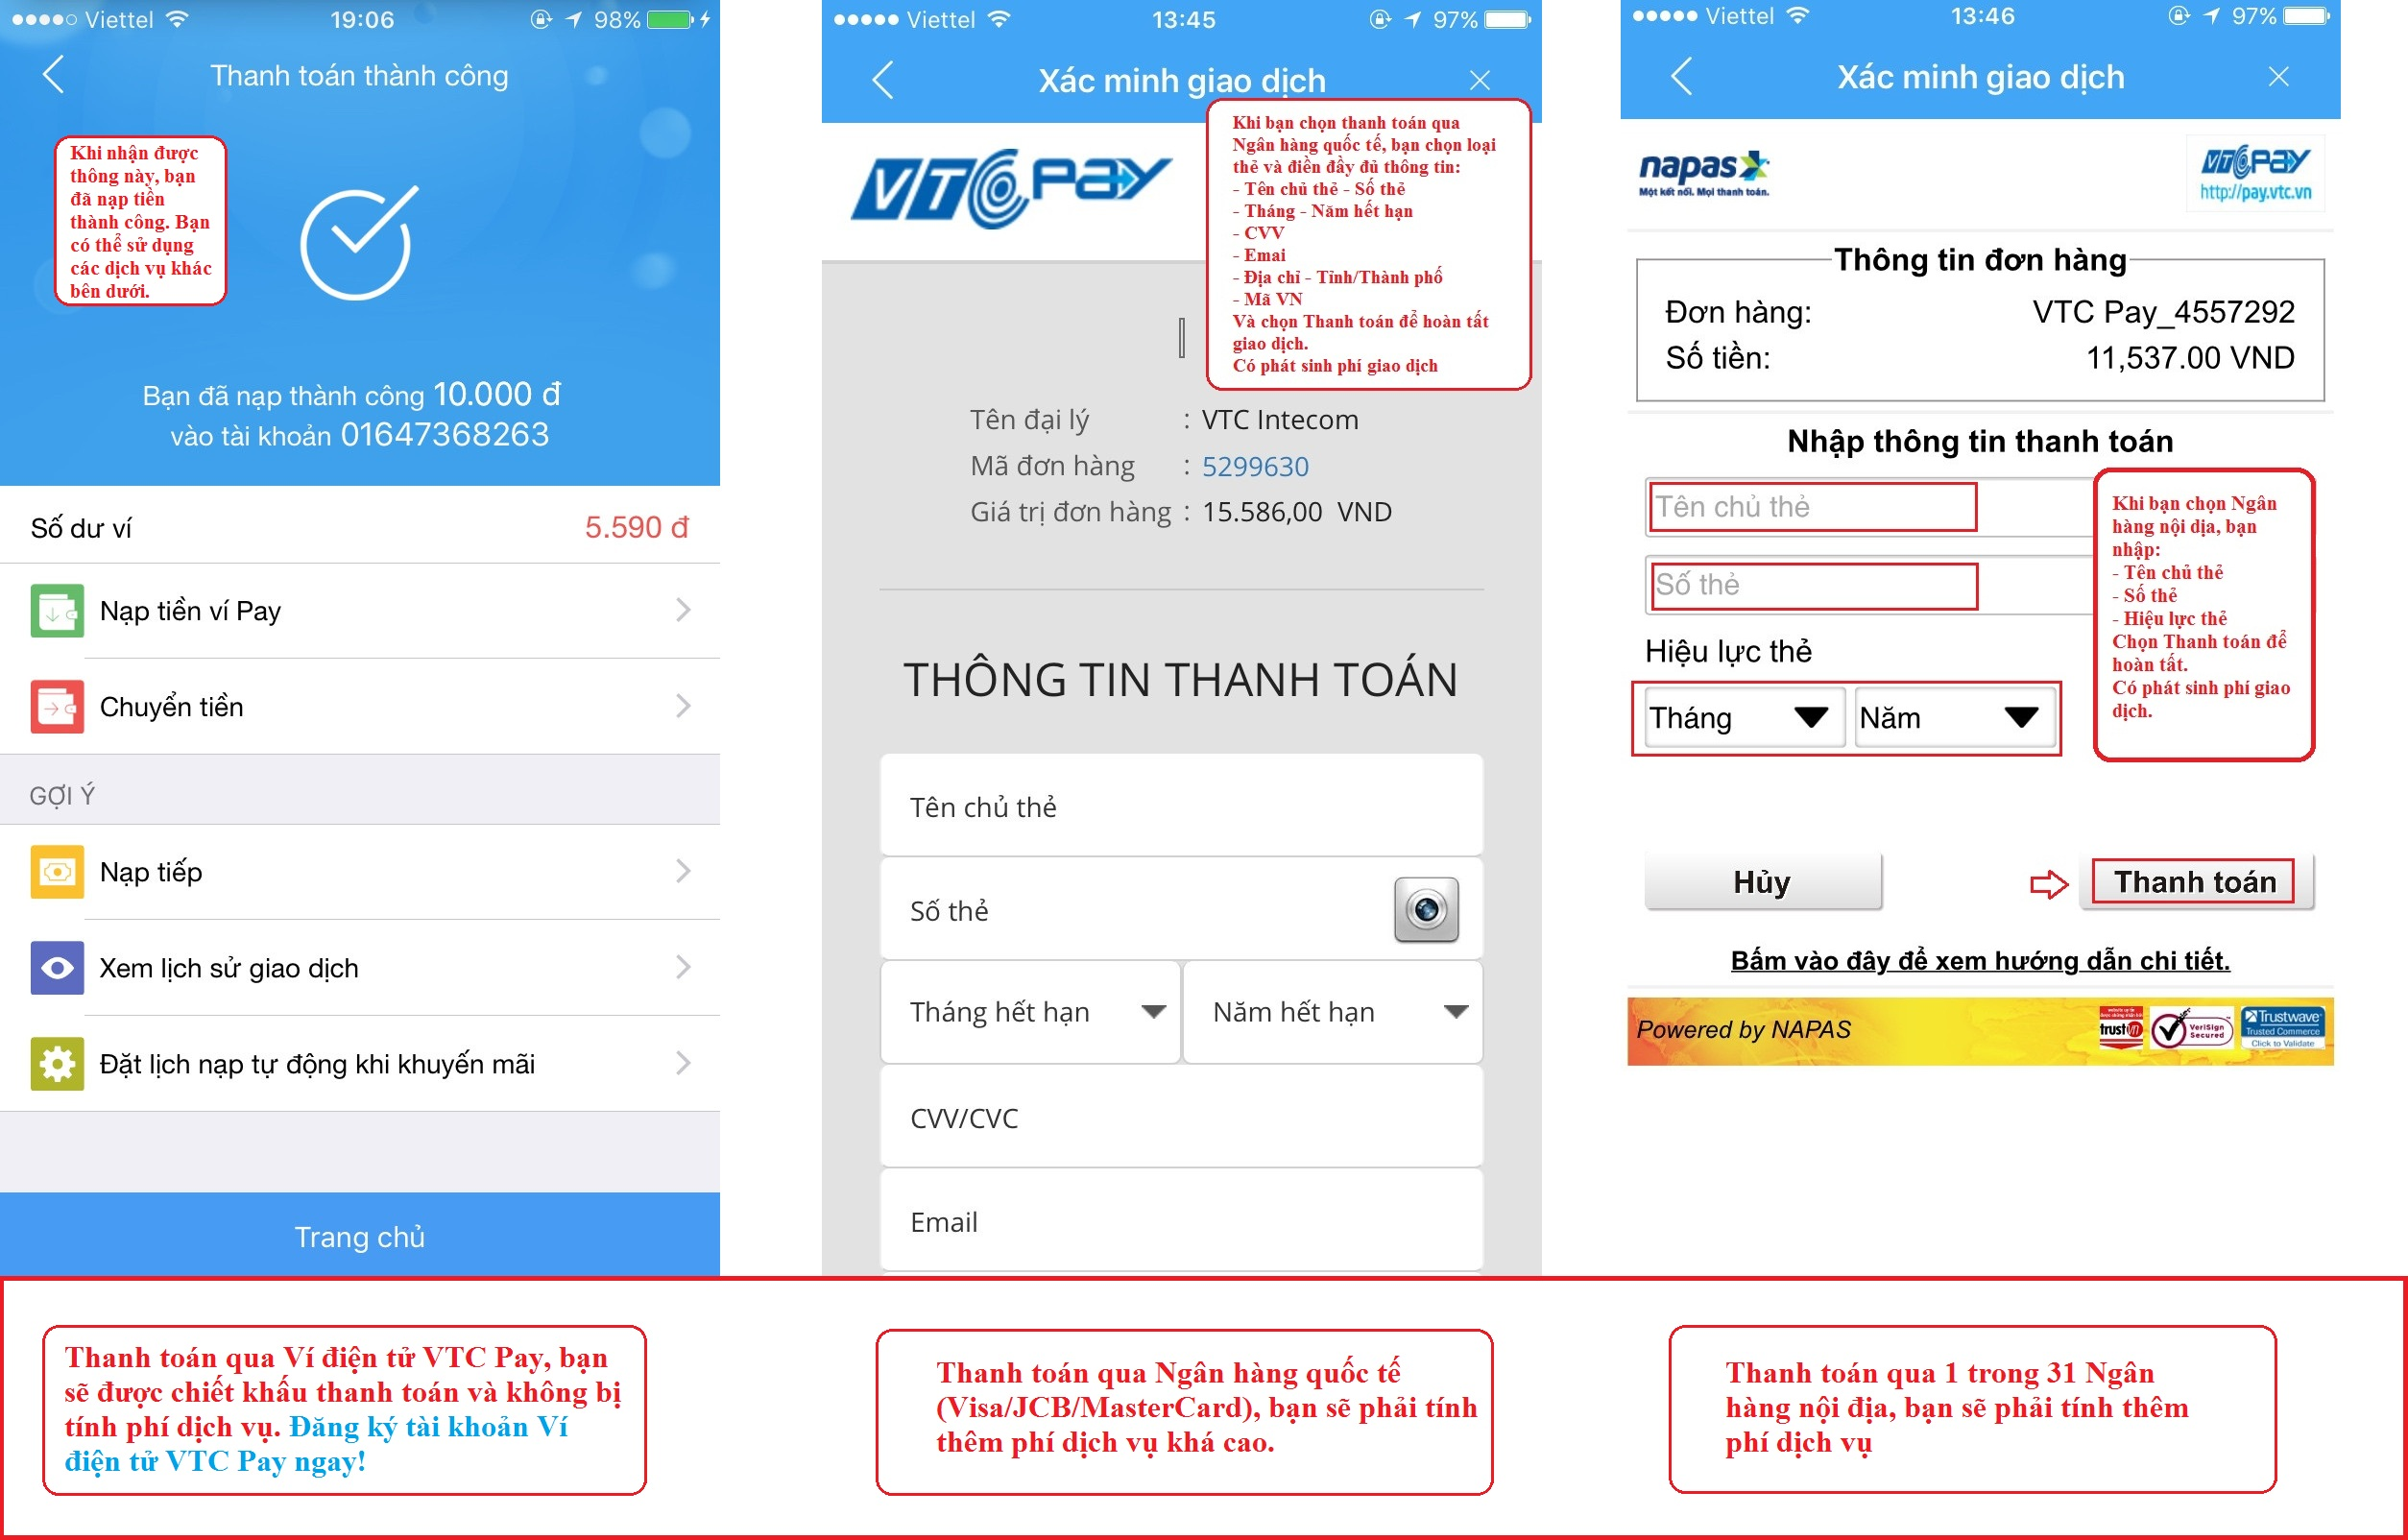 Thanh toán cước trả sau Vinaphone cực dễ với VTC Pay